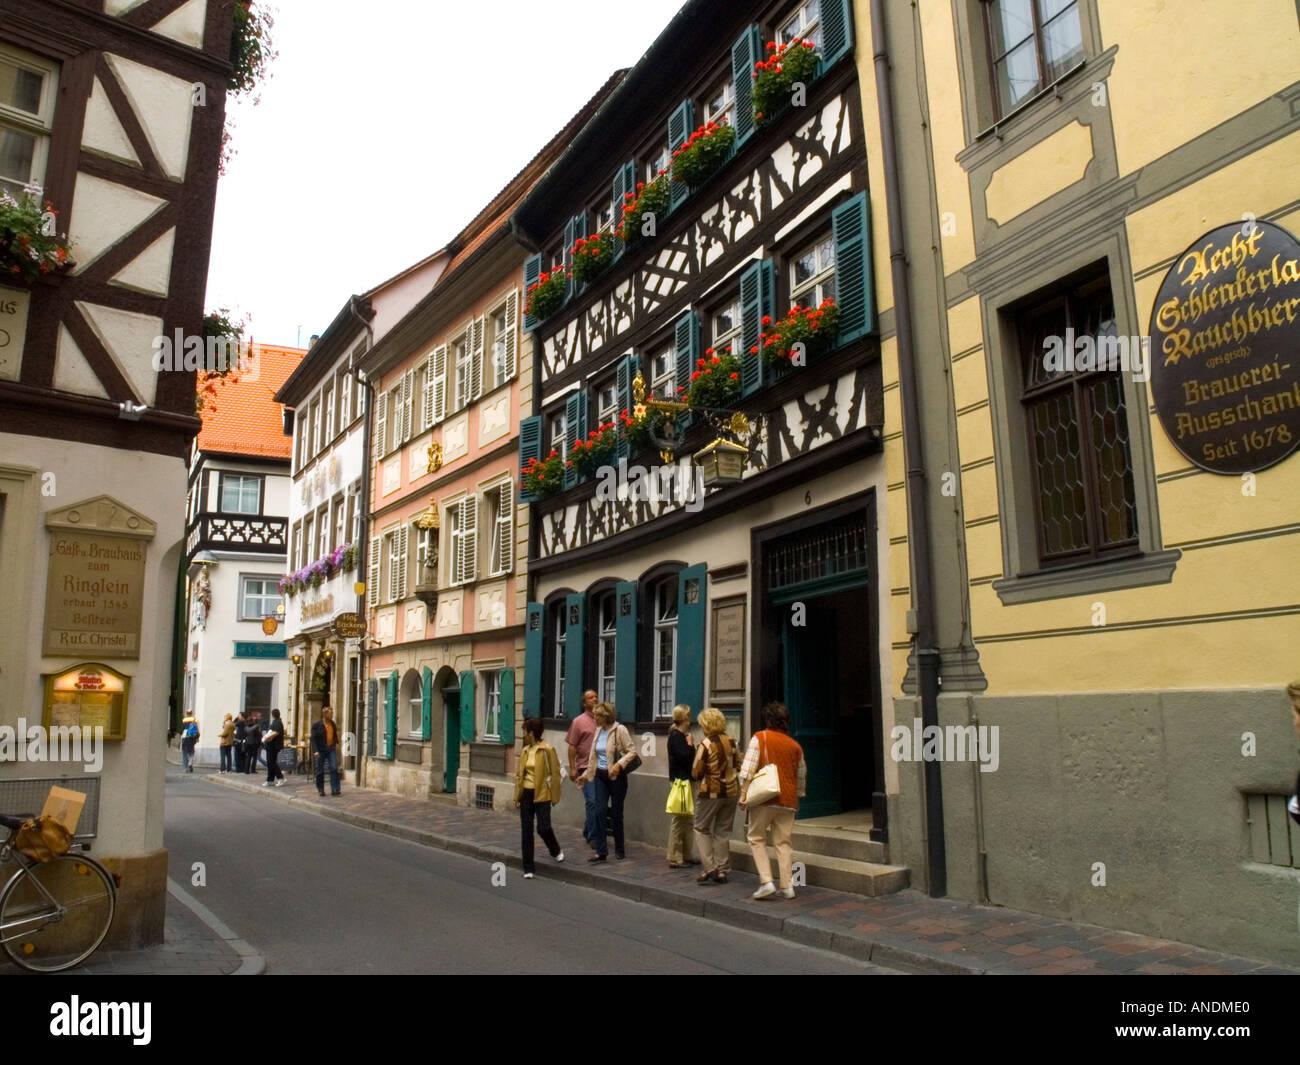 Bayern Bierhaus